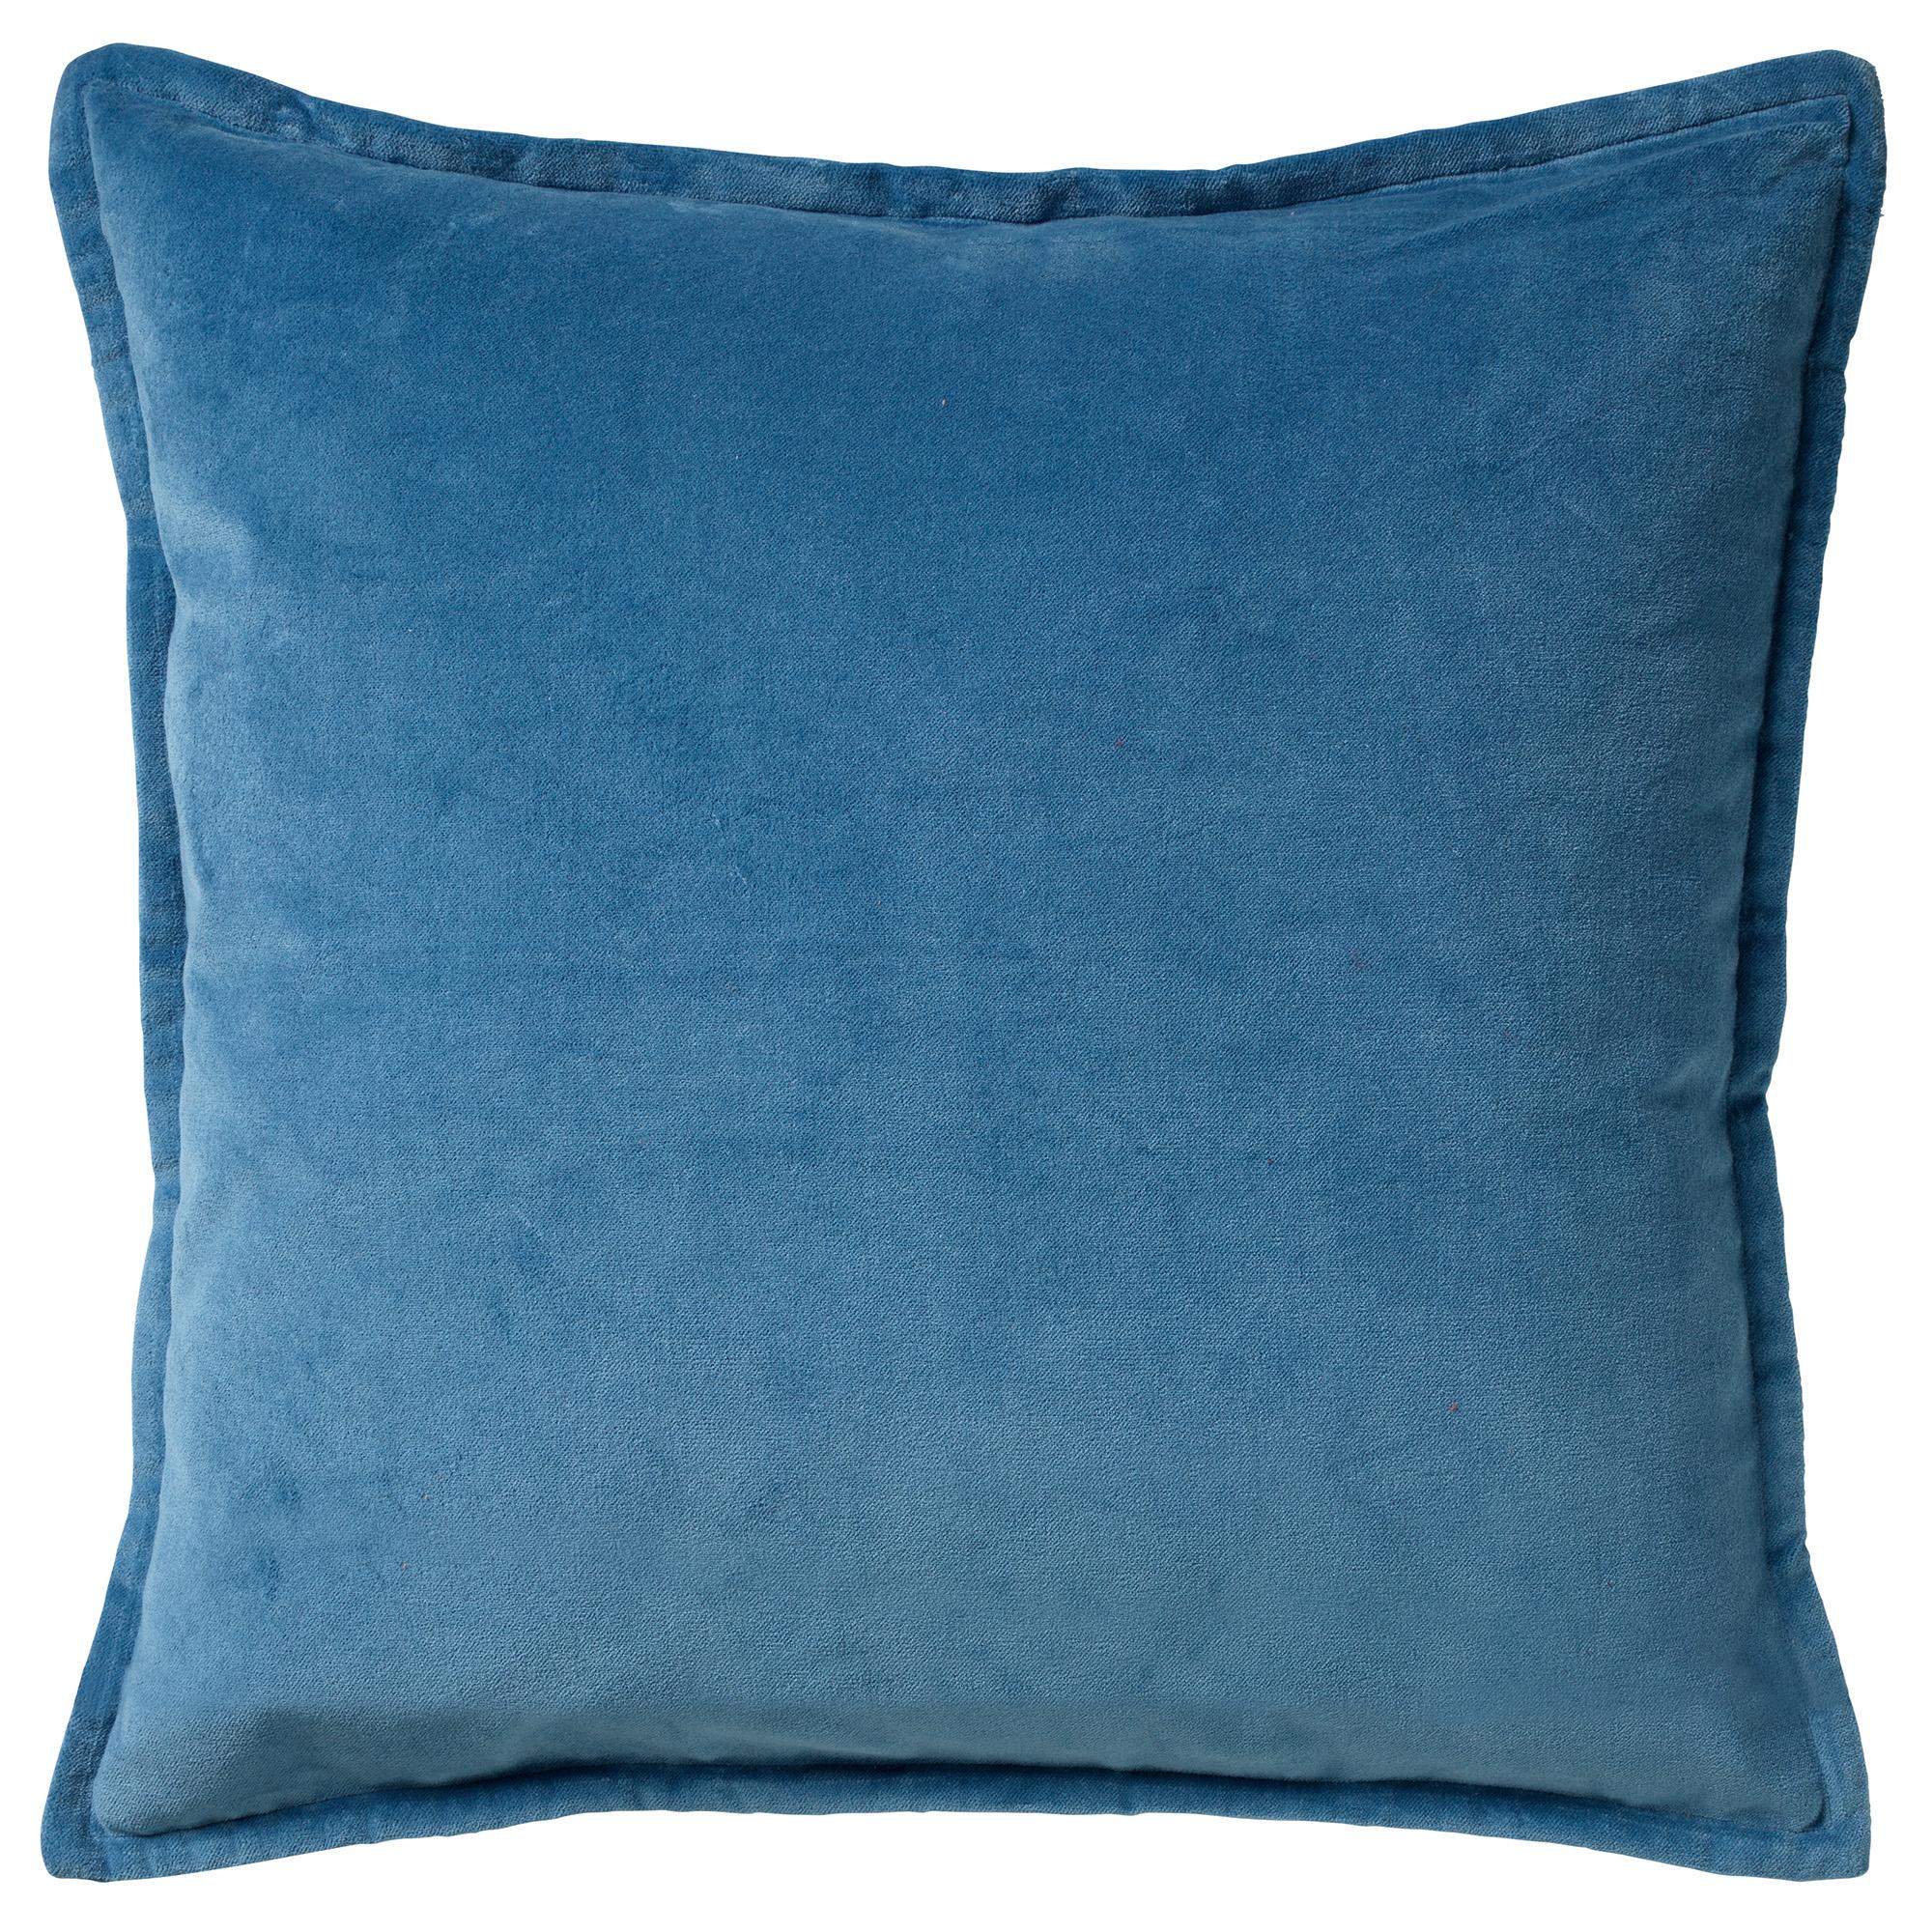 CAITH - Sierkussen velvet Provincial Blue 50x50 cm